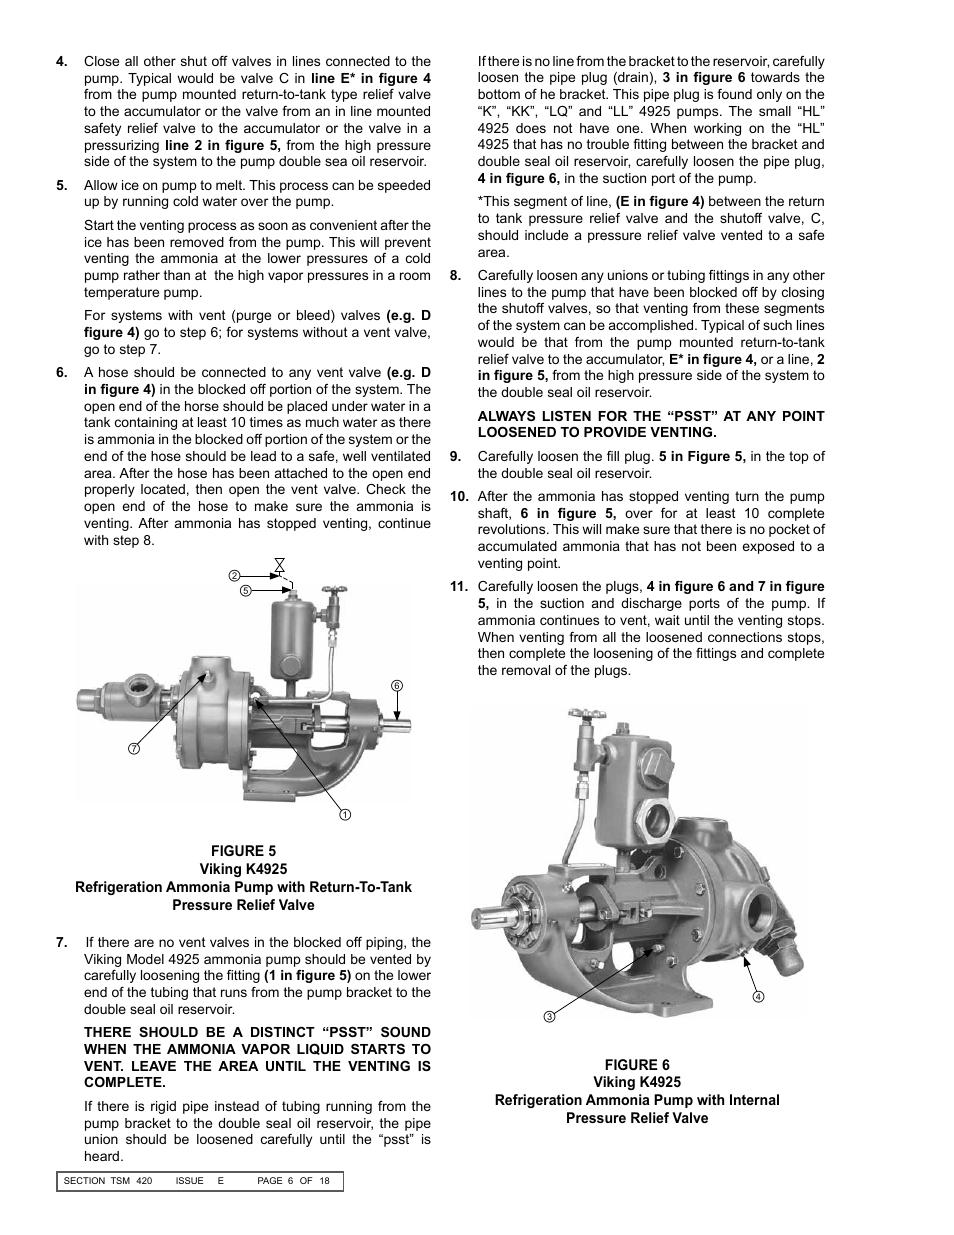 Viking oil pump manual